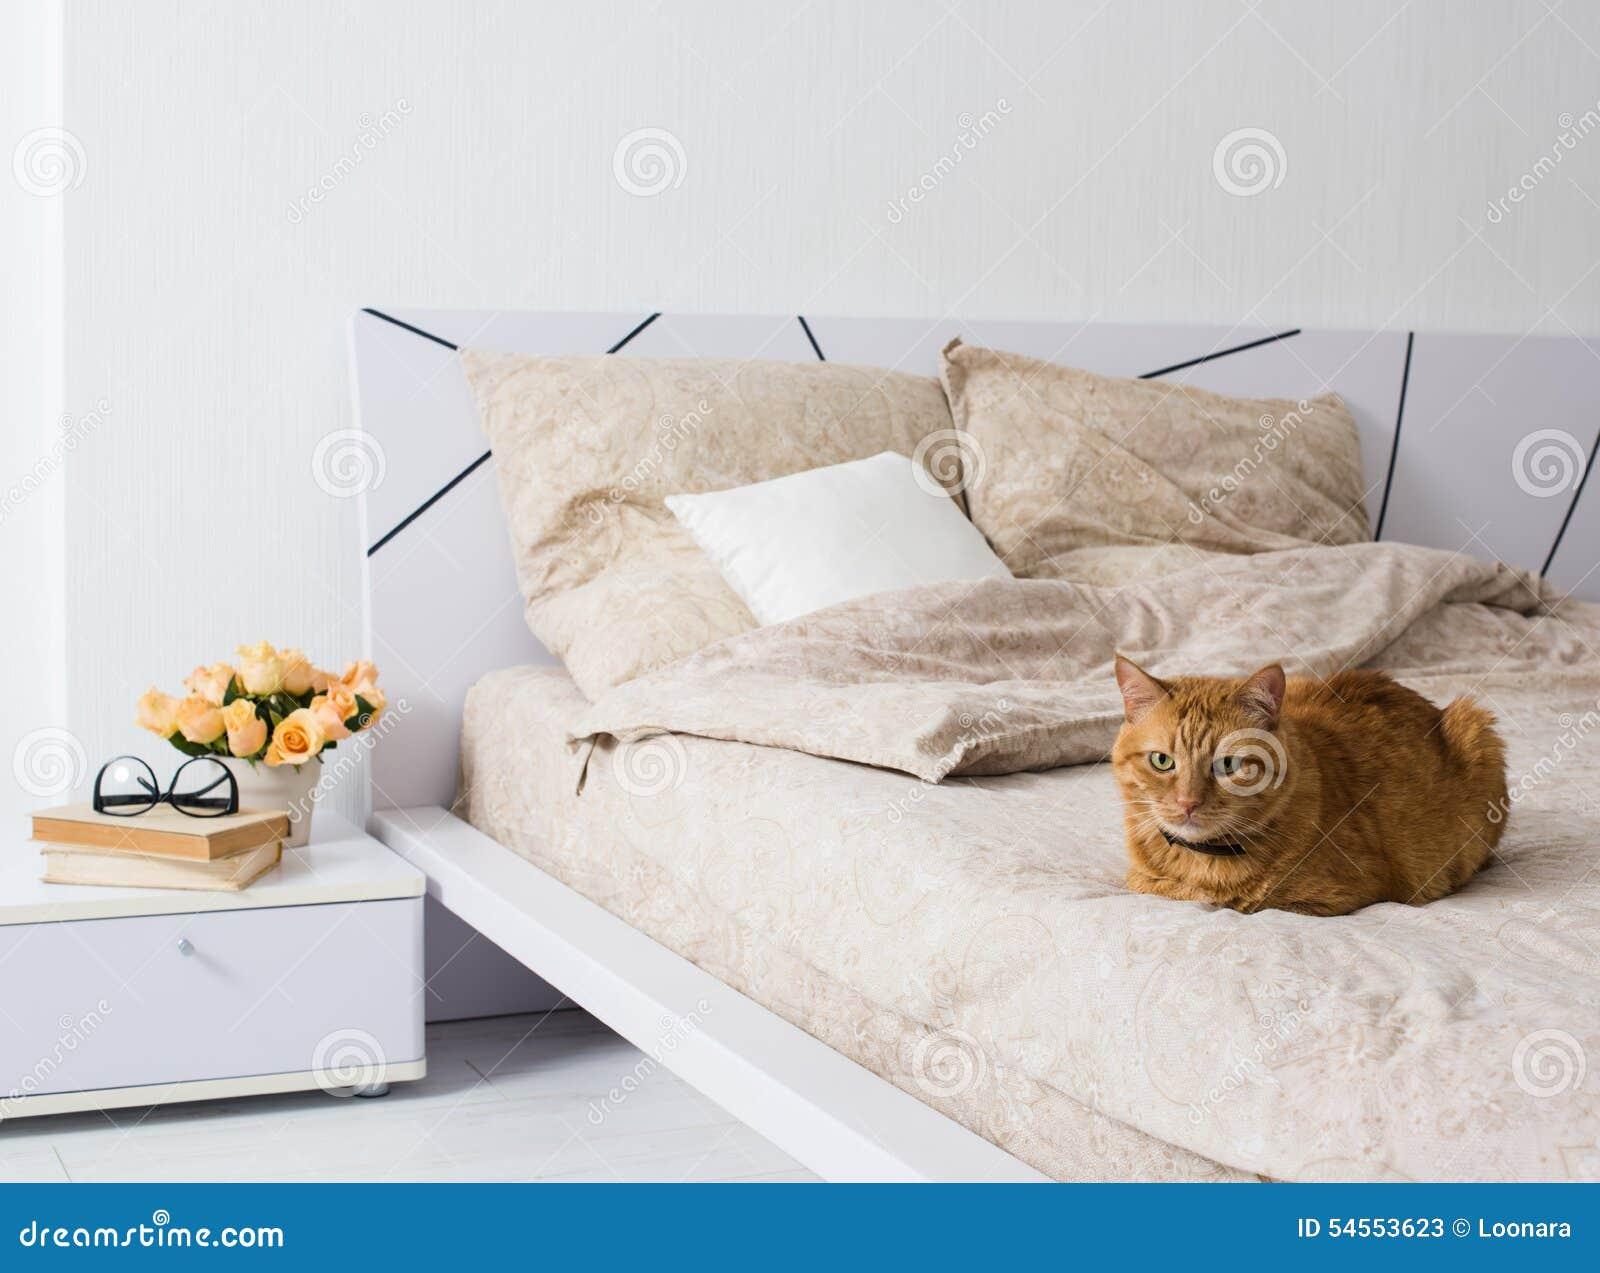 梦见家里猫尿在床上